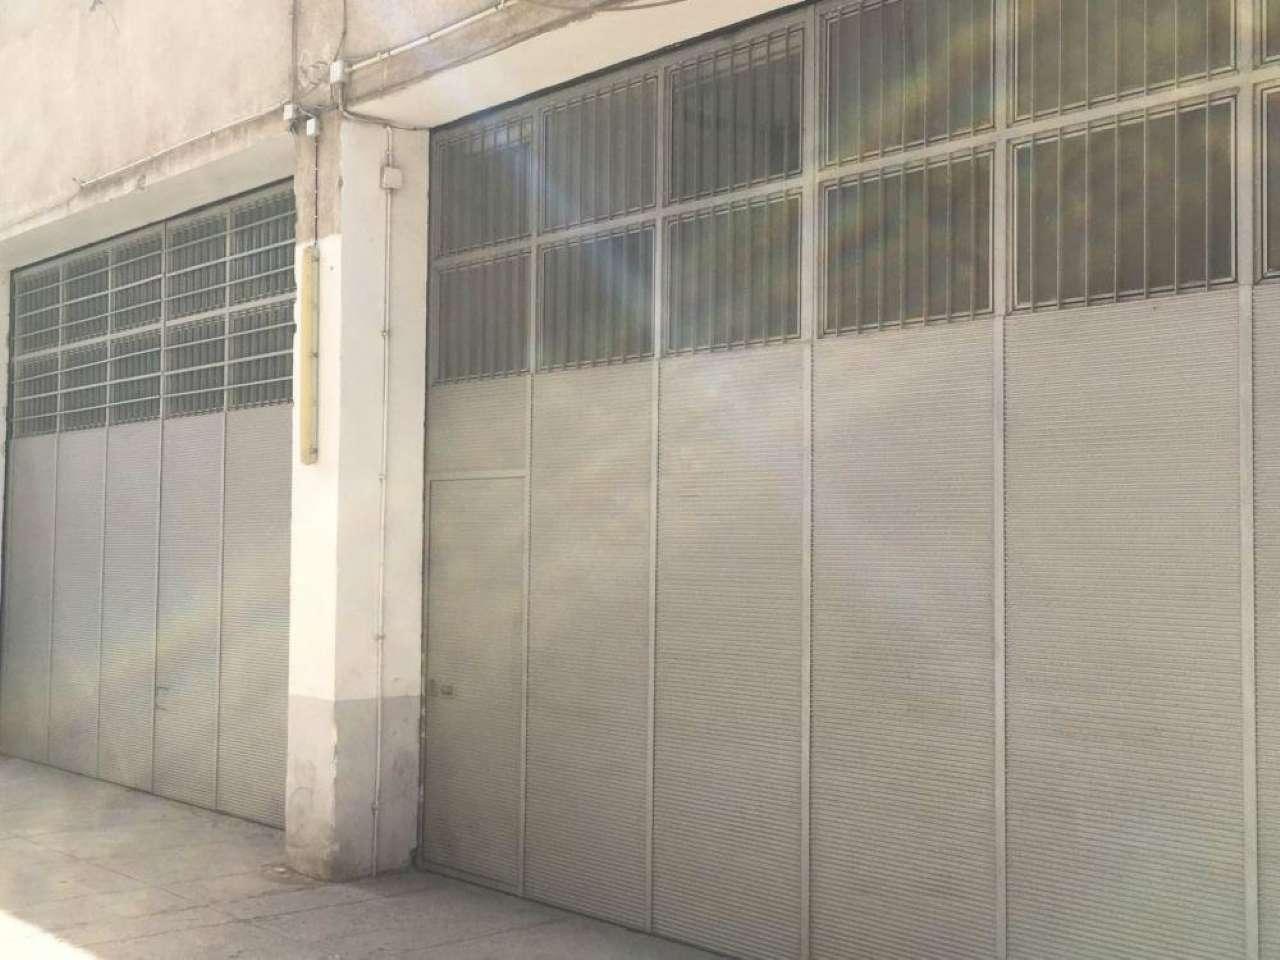 Magazzino in vendita a Palermo, 1 locali, prezzo € 455.000   Cambio Casa.it